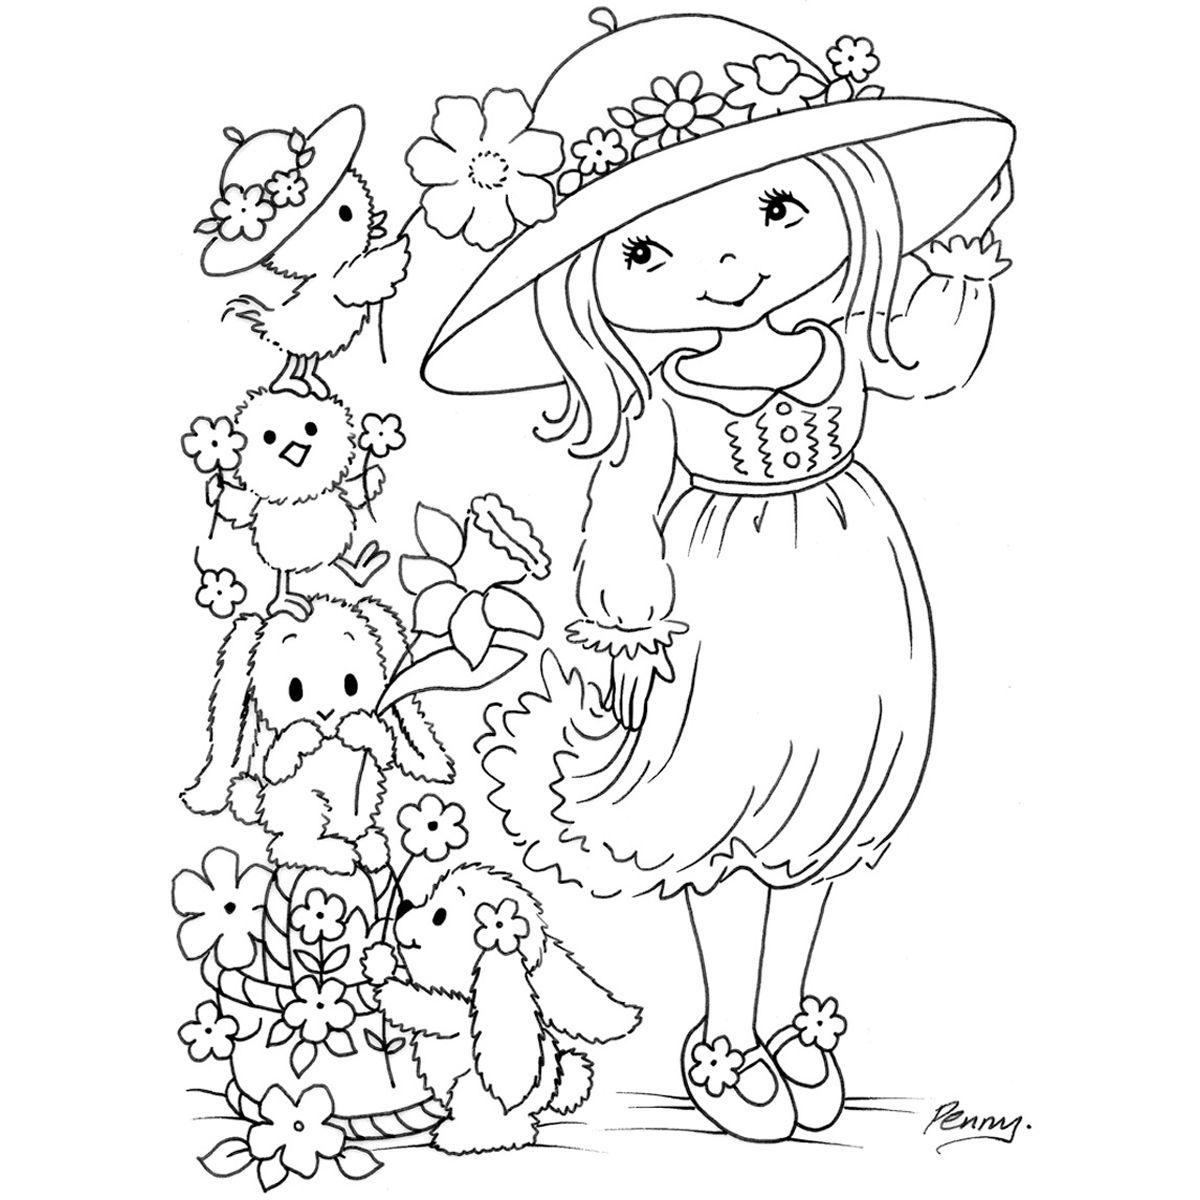 sarah kay desenhos para pintar - Bing Imagens | Desenhos com ...